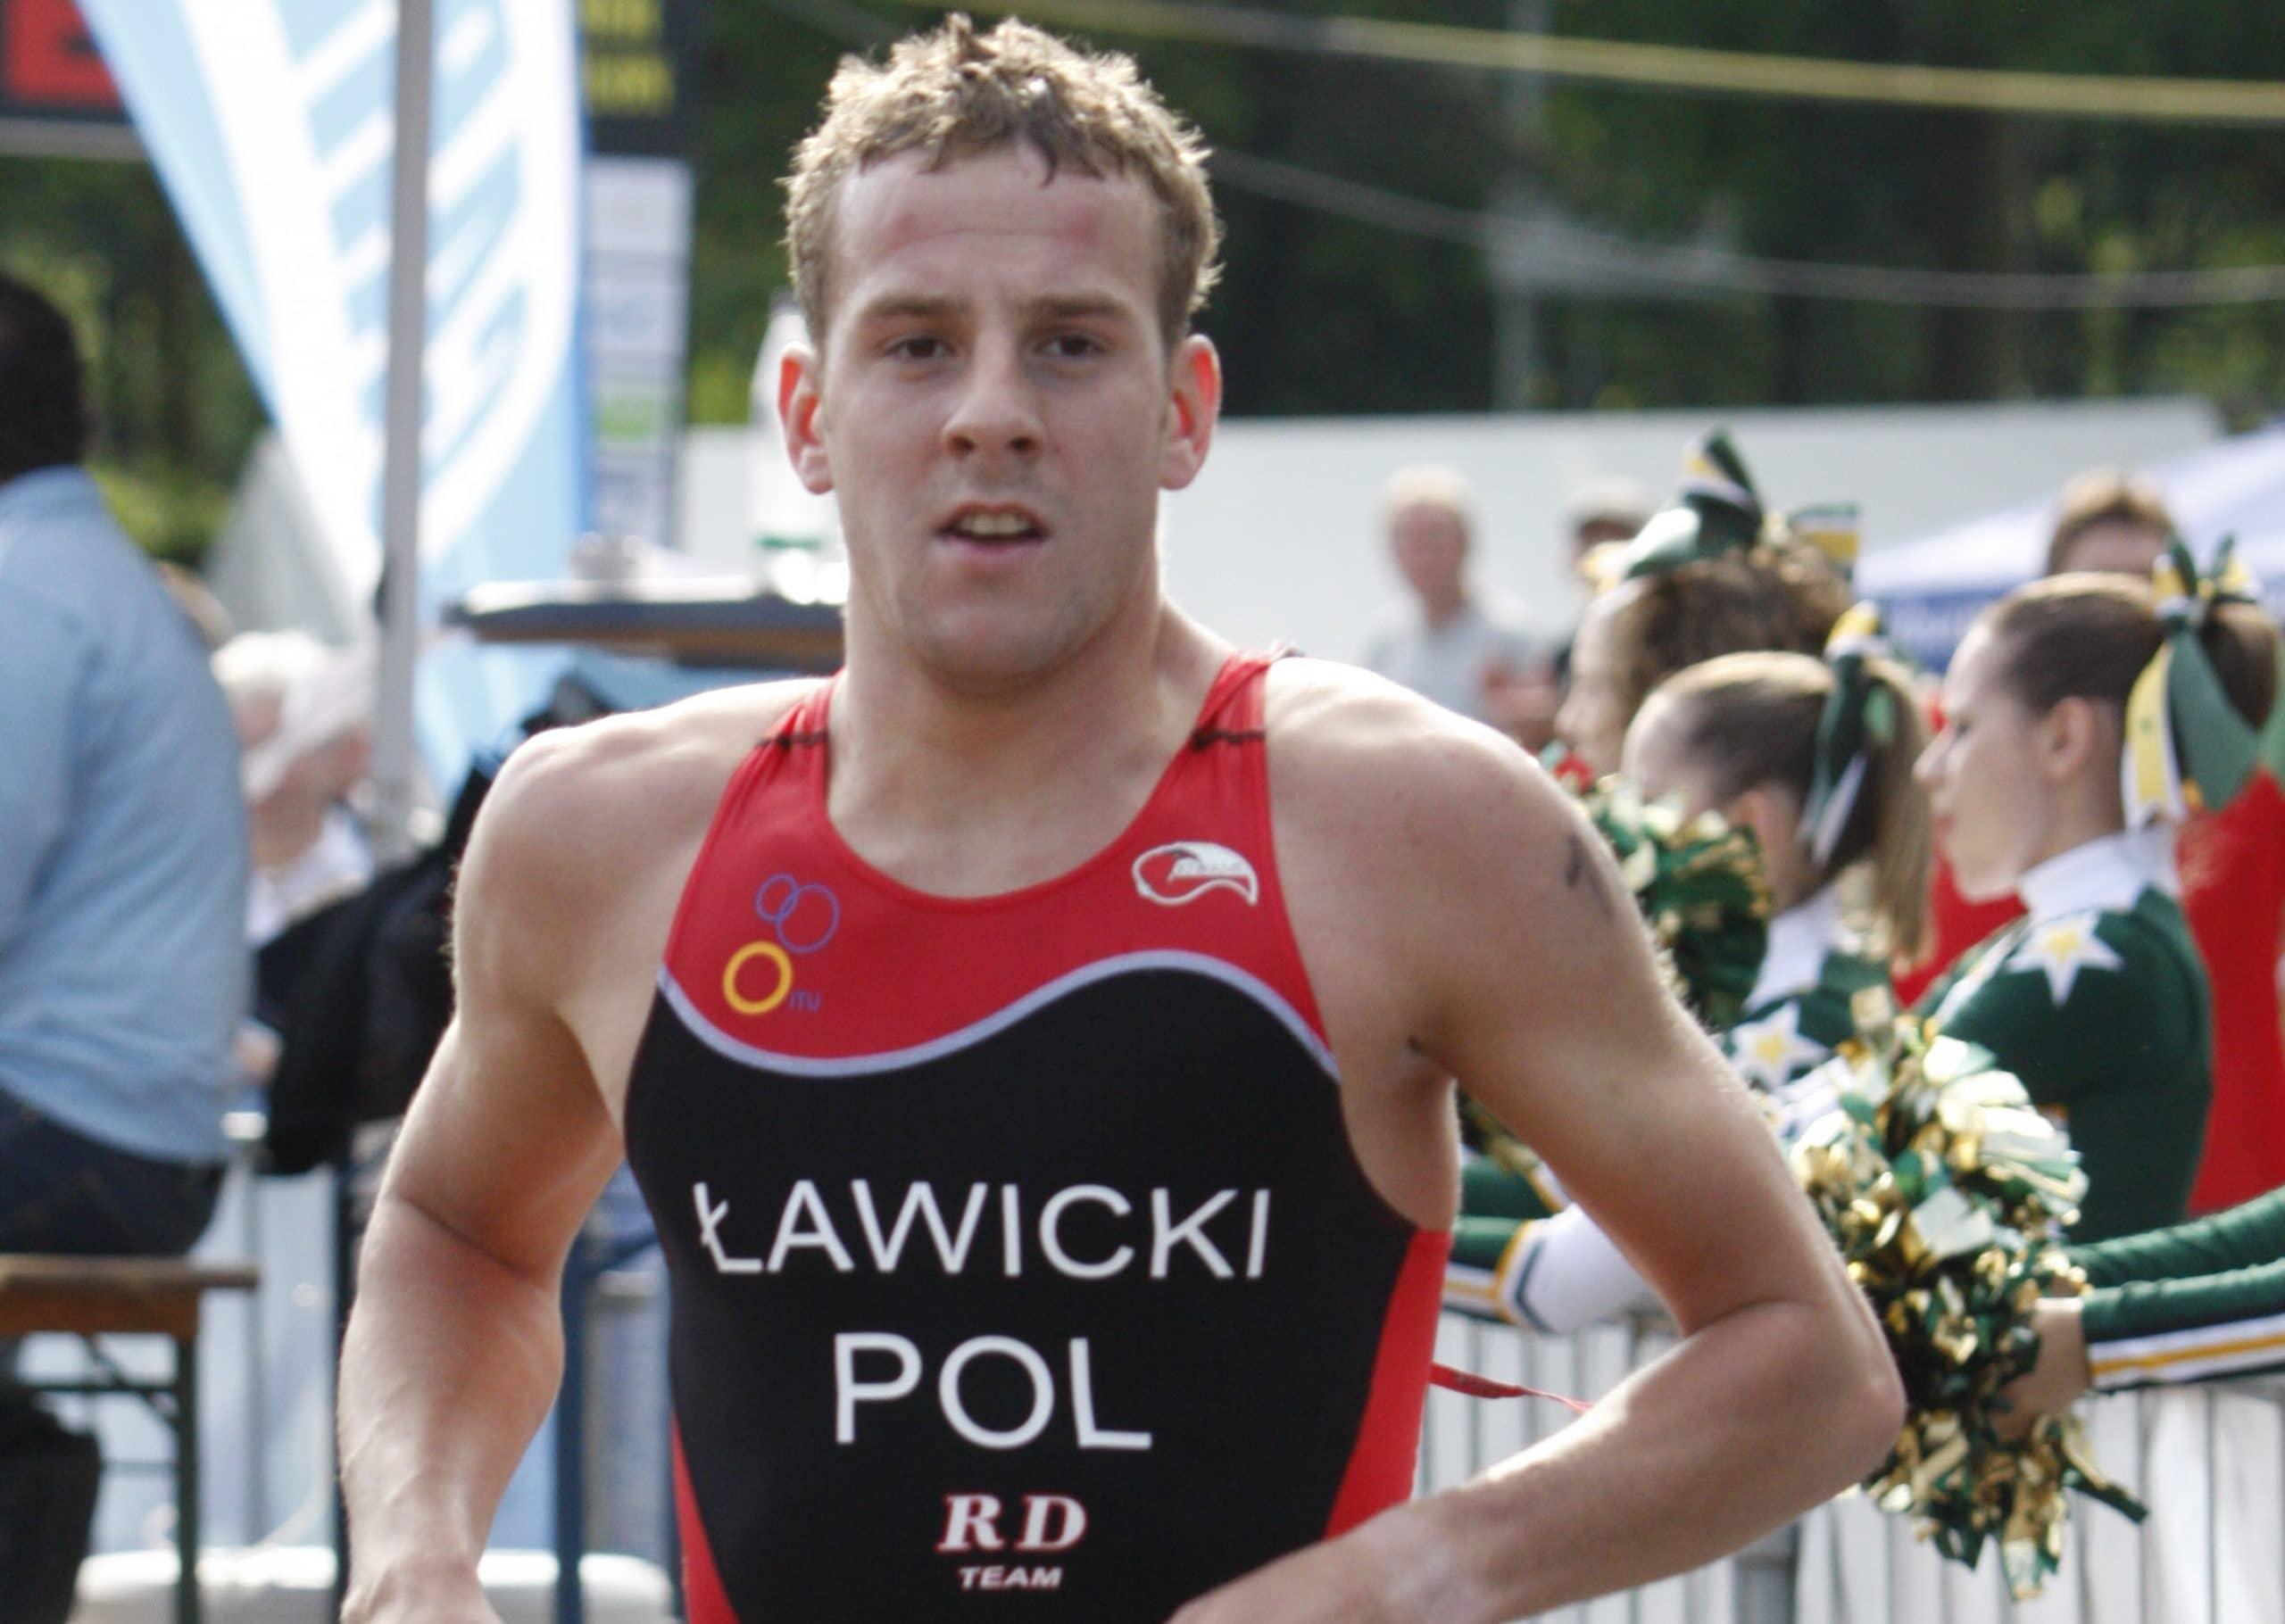 Marcin Ławicki